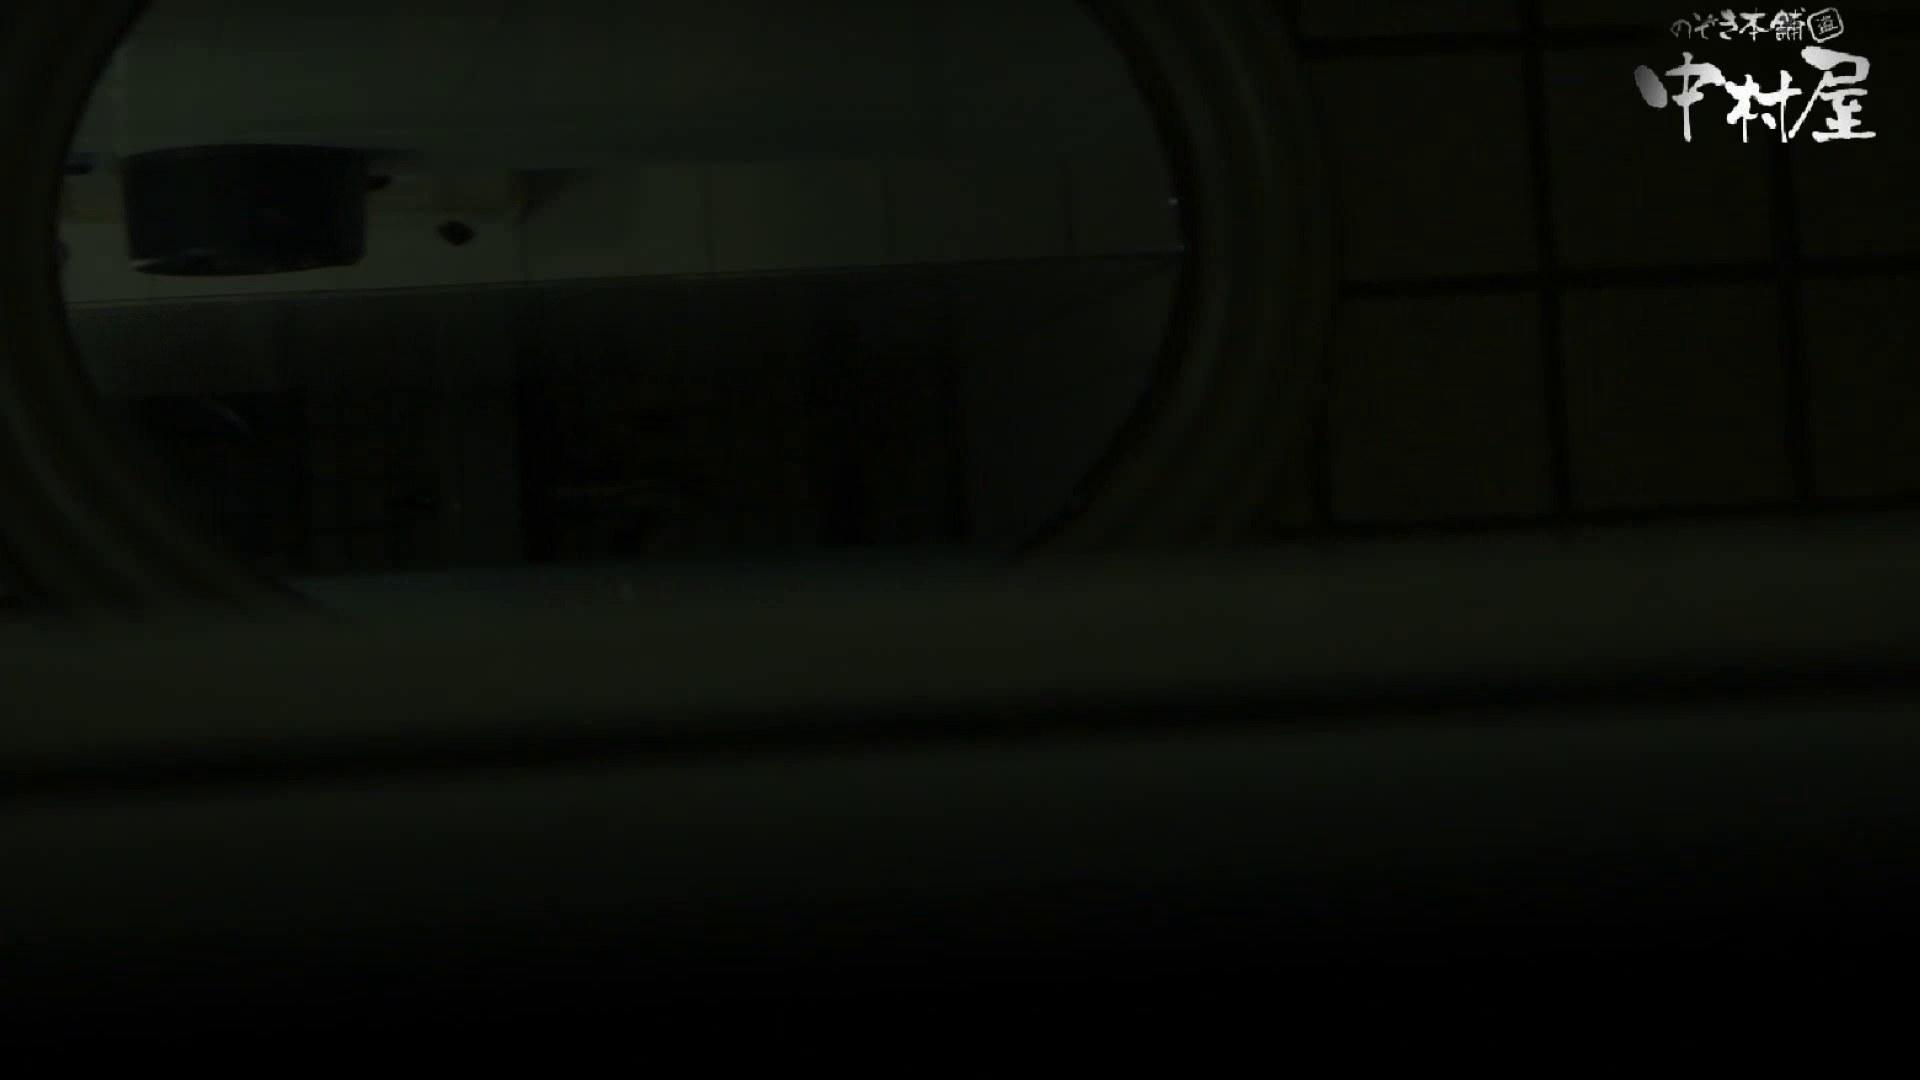 【美人が集まるファッションショッピングセンター洗面所盗SATU】ギャルのツルピカ潜入盗satu!Vol.09 OLのエロ生活 エロ画像 81連発 2